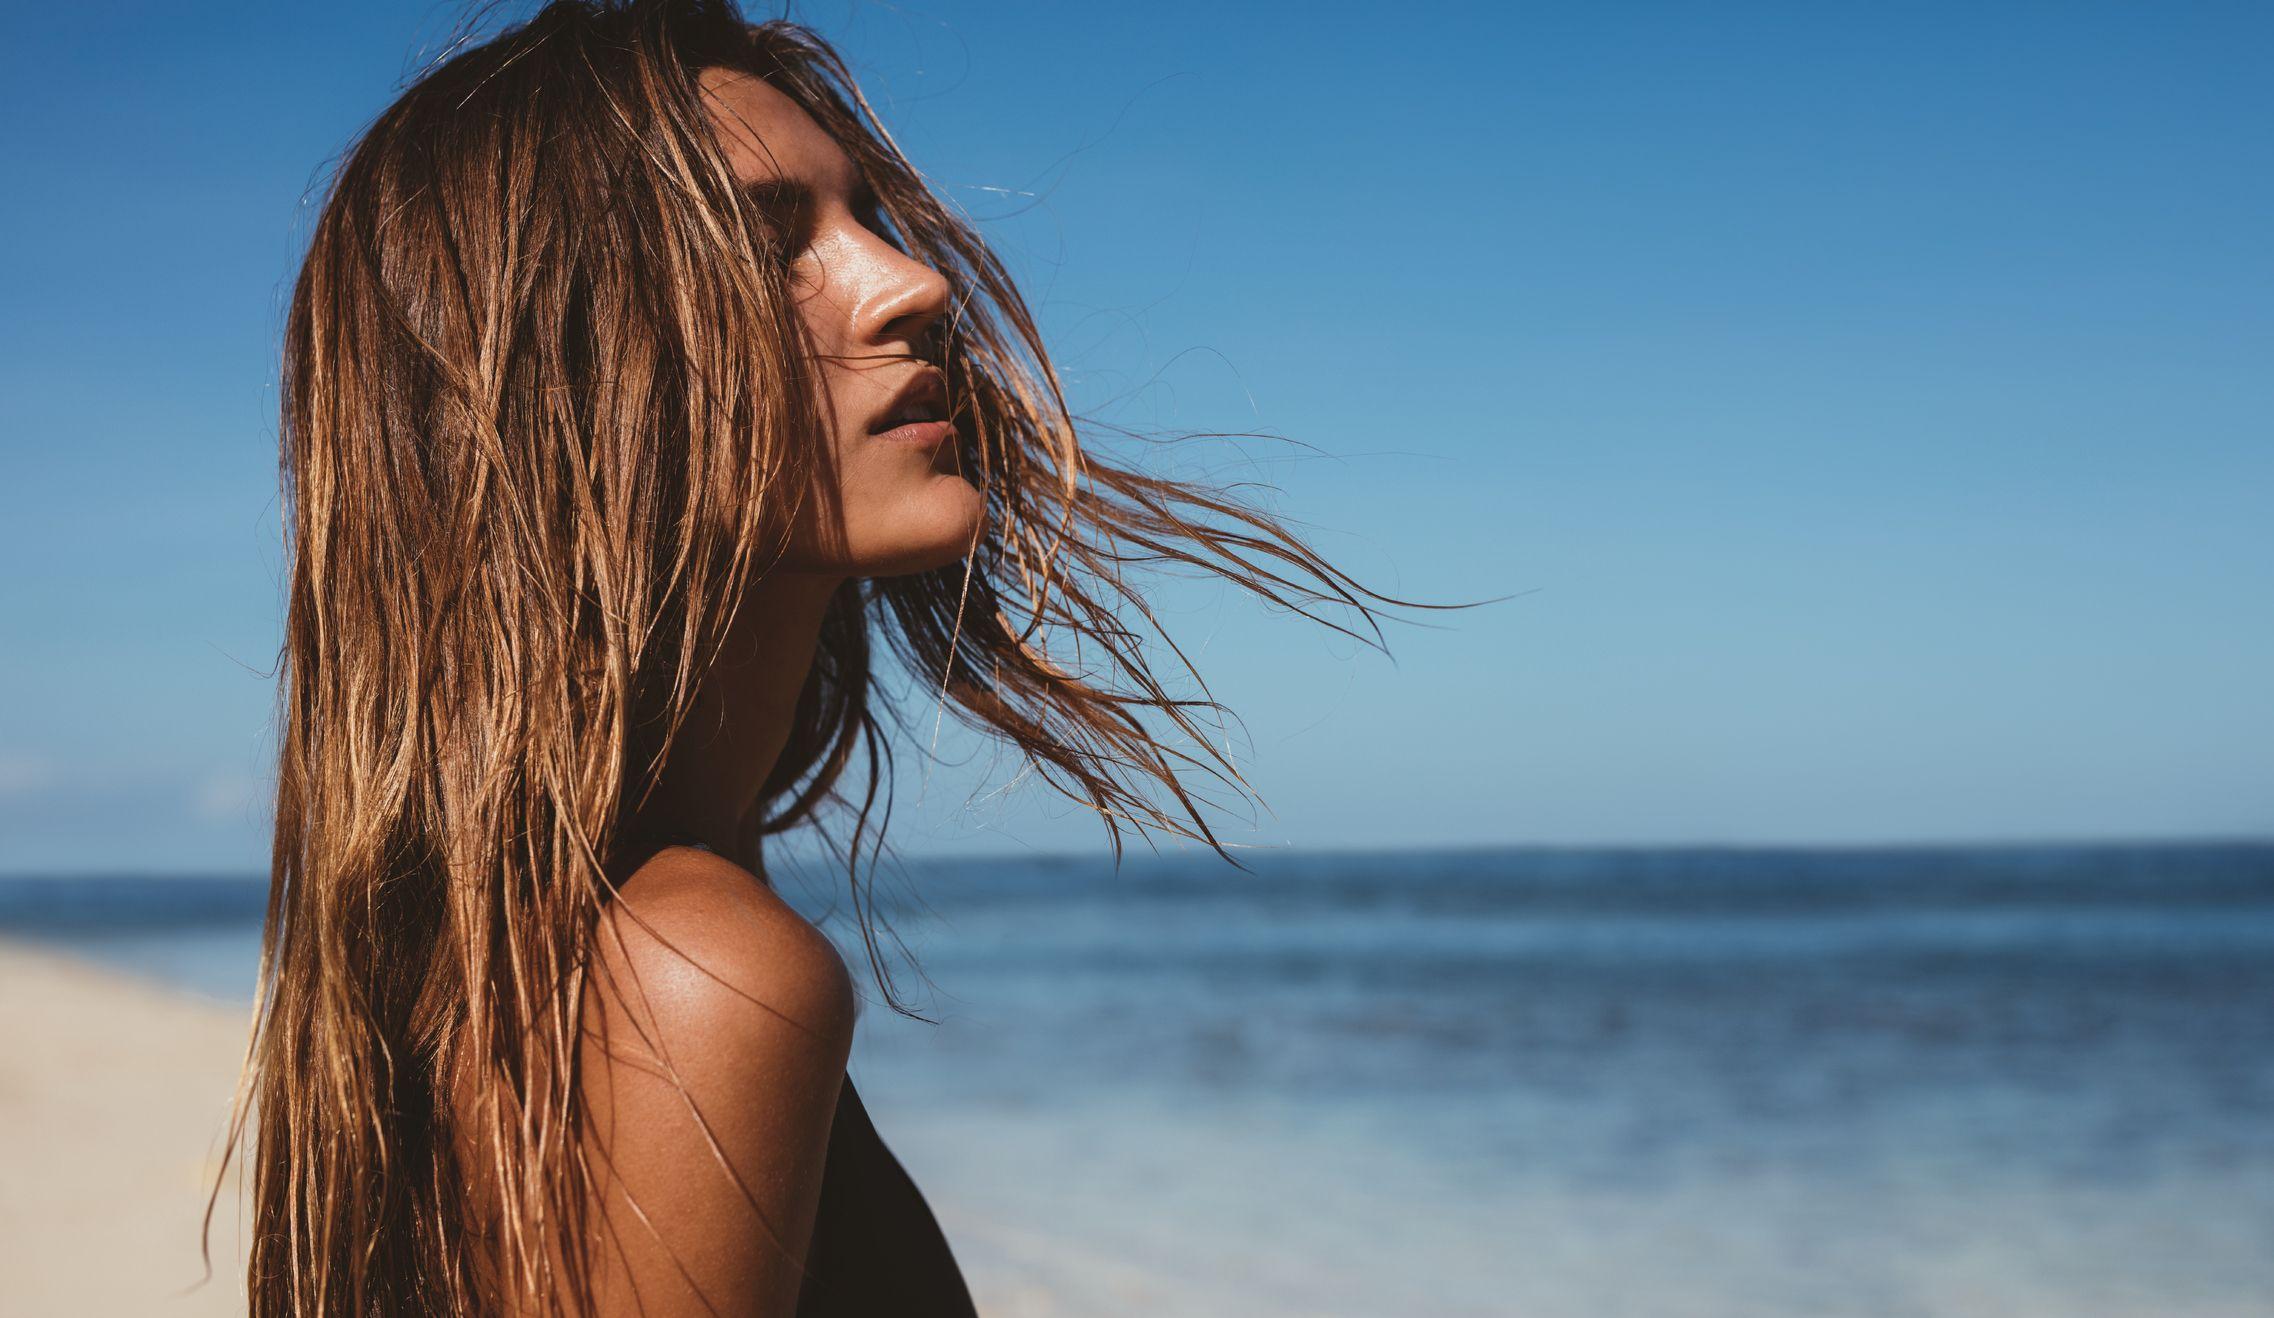 Des remèdes naturels pour protéger les cheveux du soleil